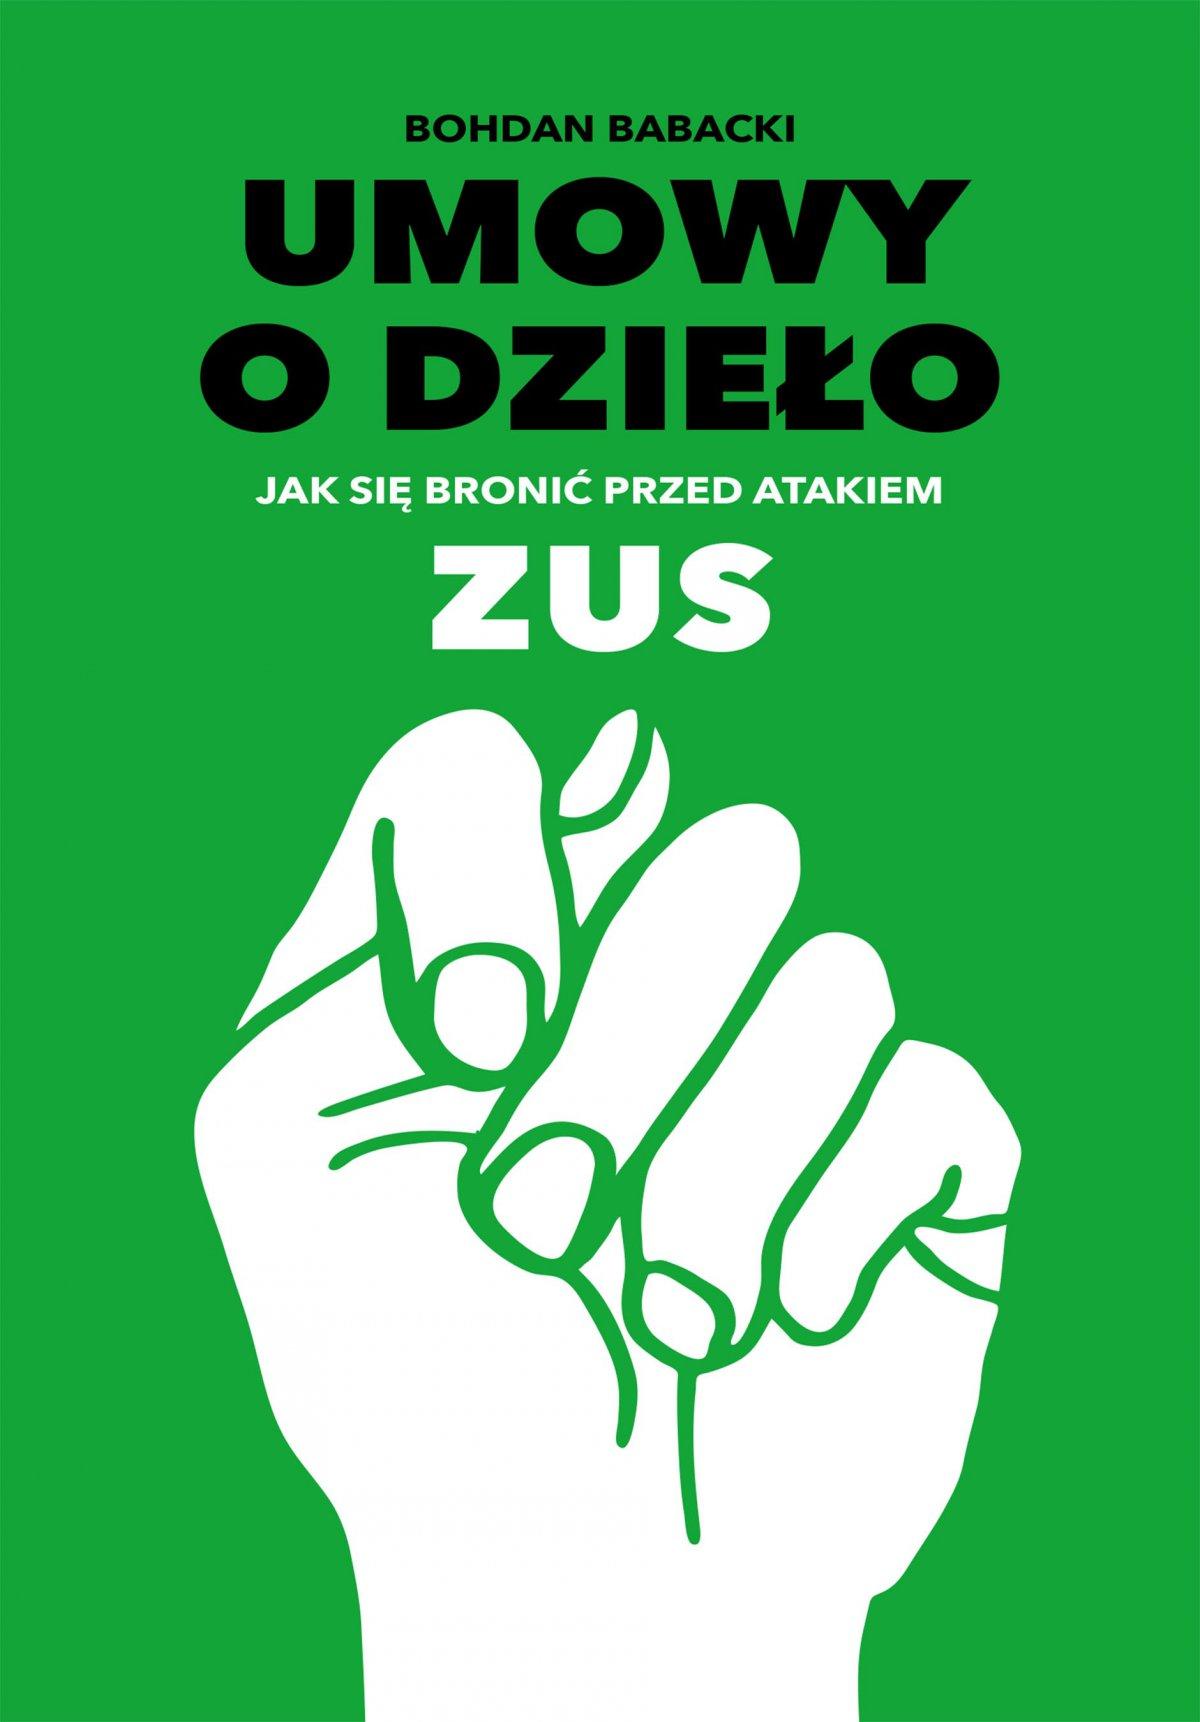 Umowy o dzieło. Jak się bronić przed atakiem ZUS - Ebook (Książka EPUB) do pobrania w formacie EPUB